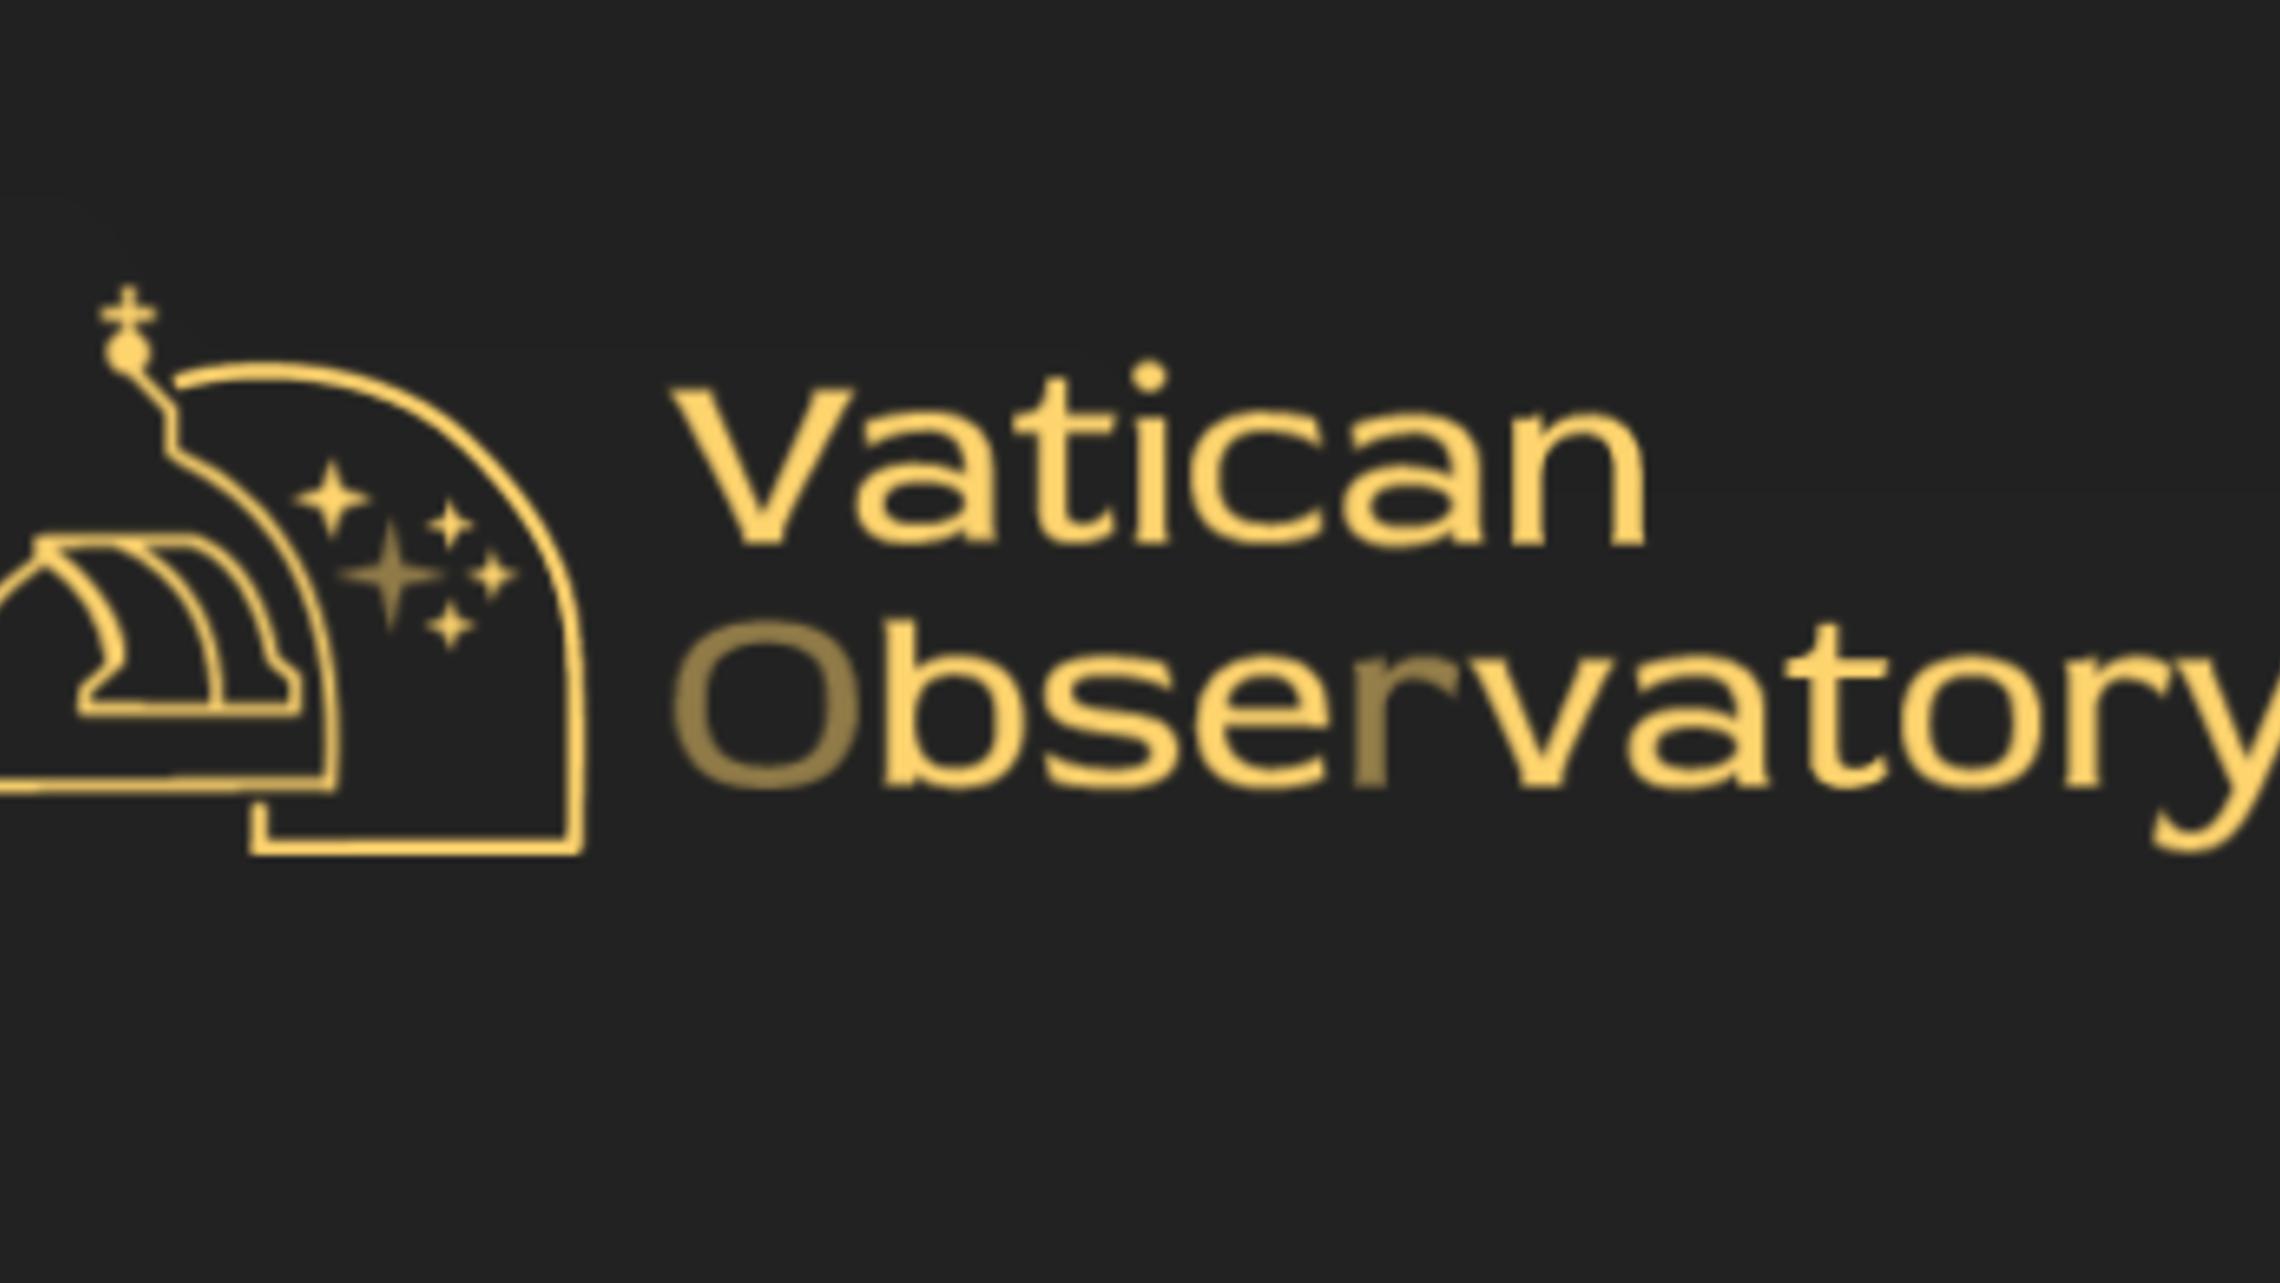 vatican observatory